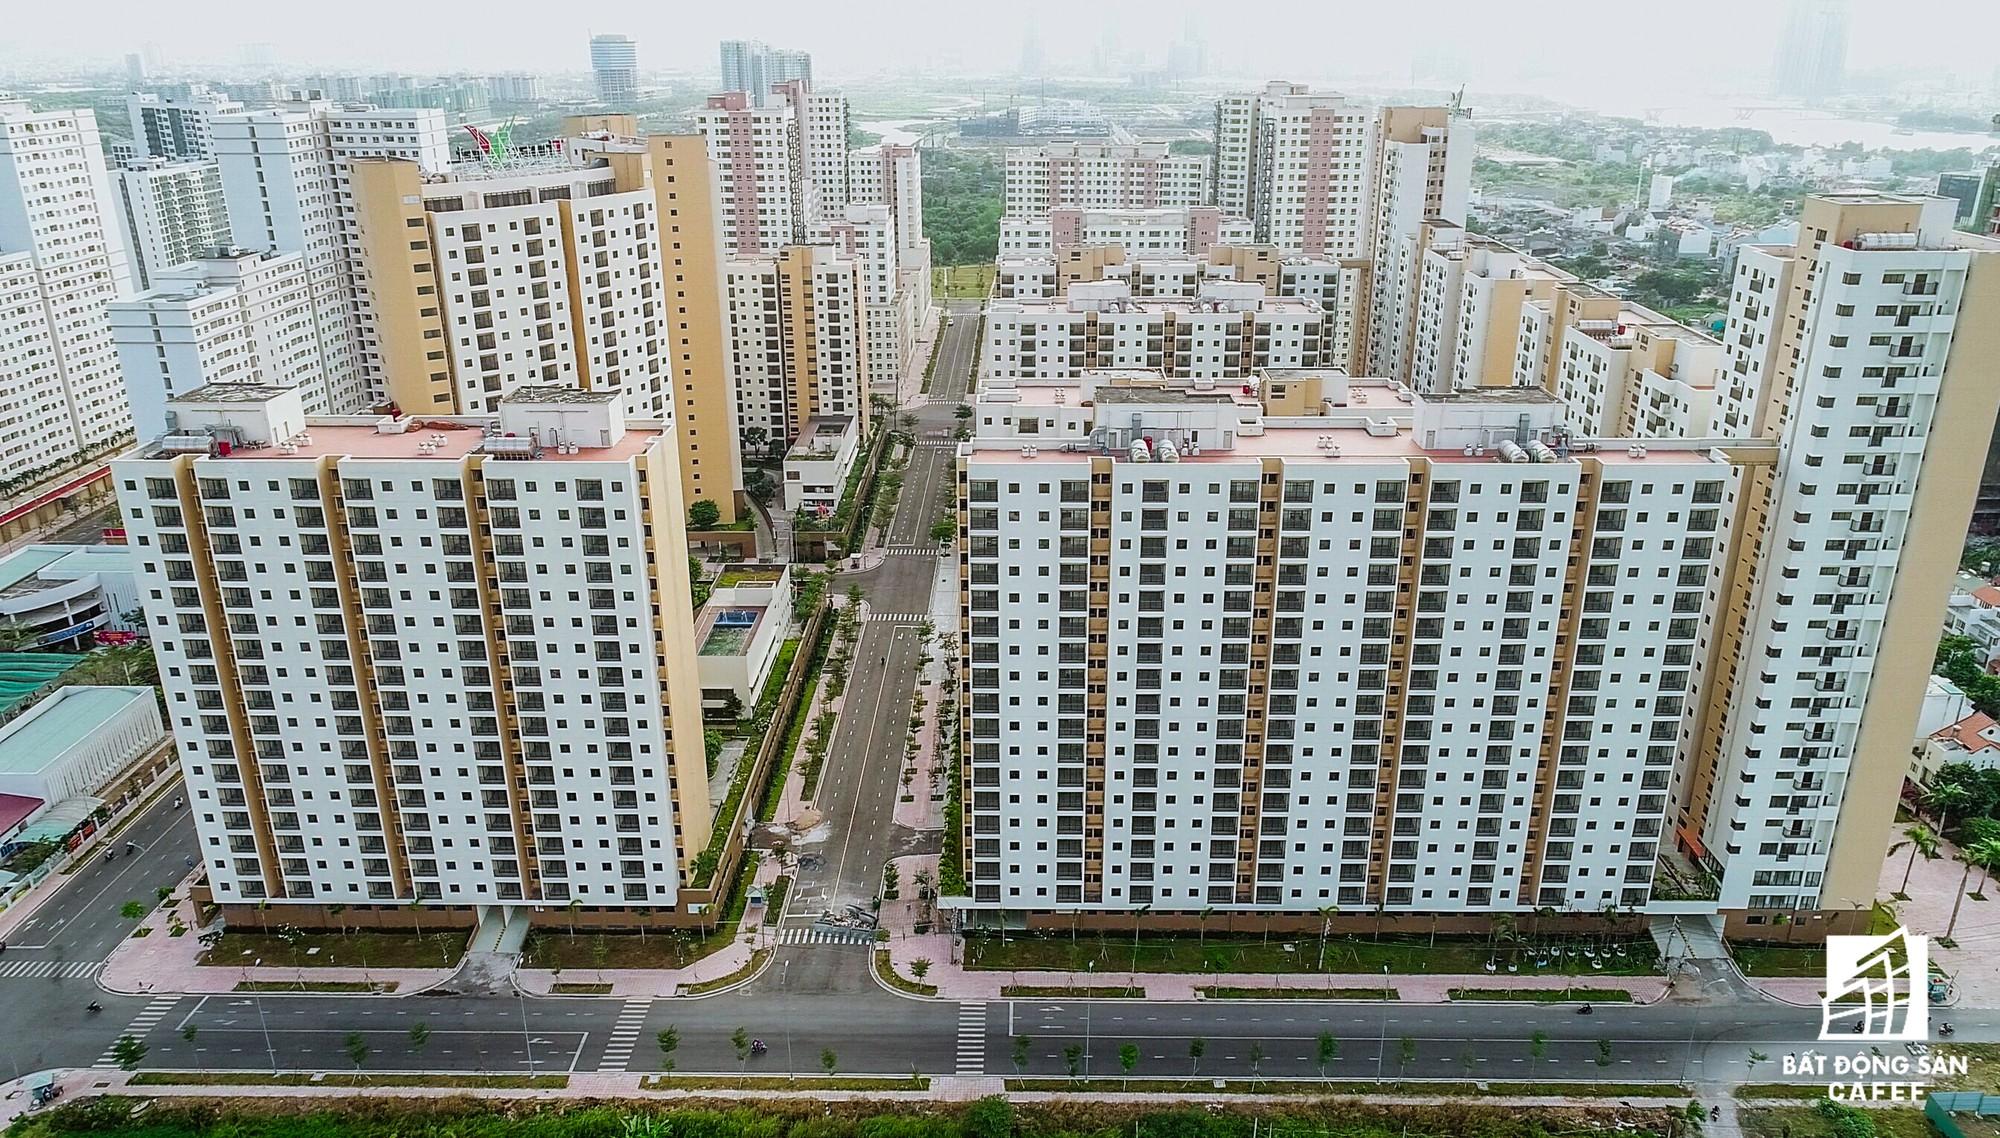 Toàn cảnh khu tái định cư đồ sộ nhất TPHCM, chục nghìn căn hộ không ai ở, bán đấu giá nhiều lần thất bại - Ảnh 8.